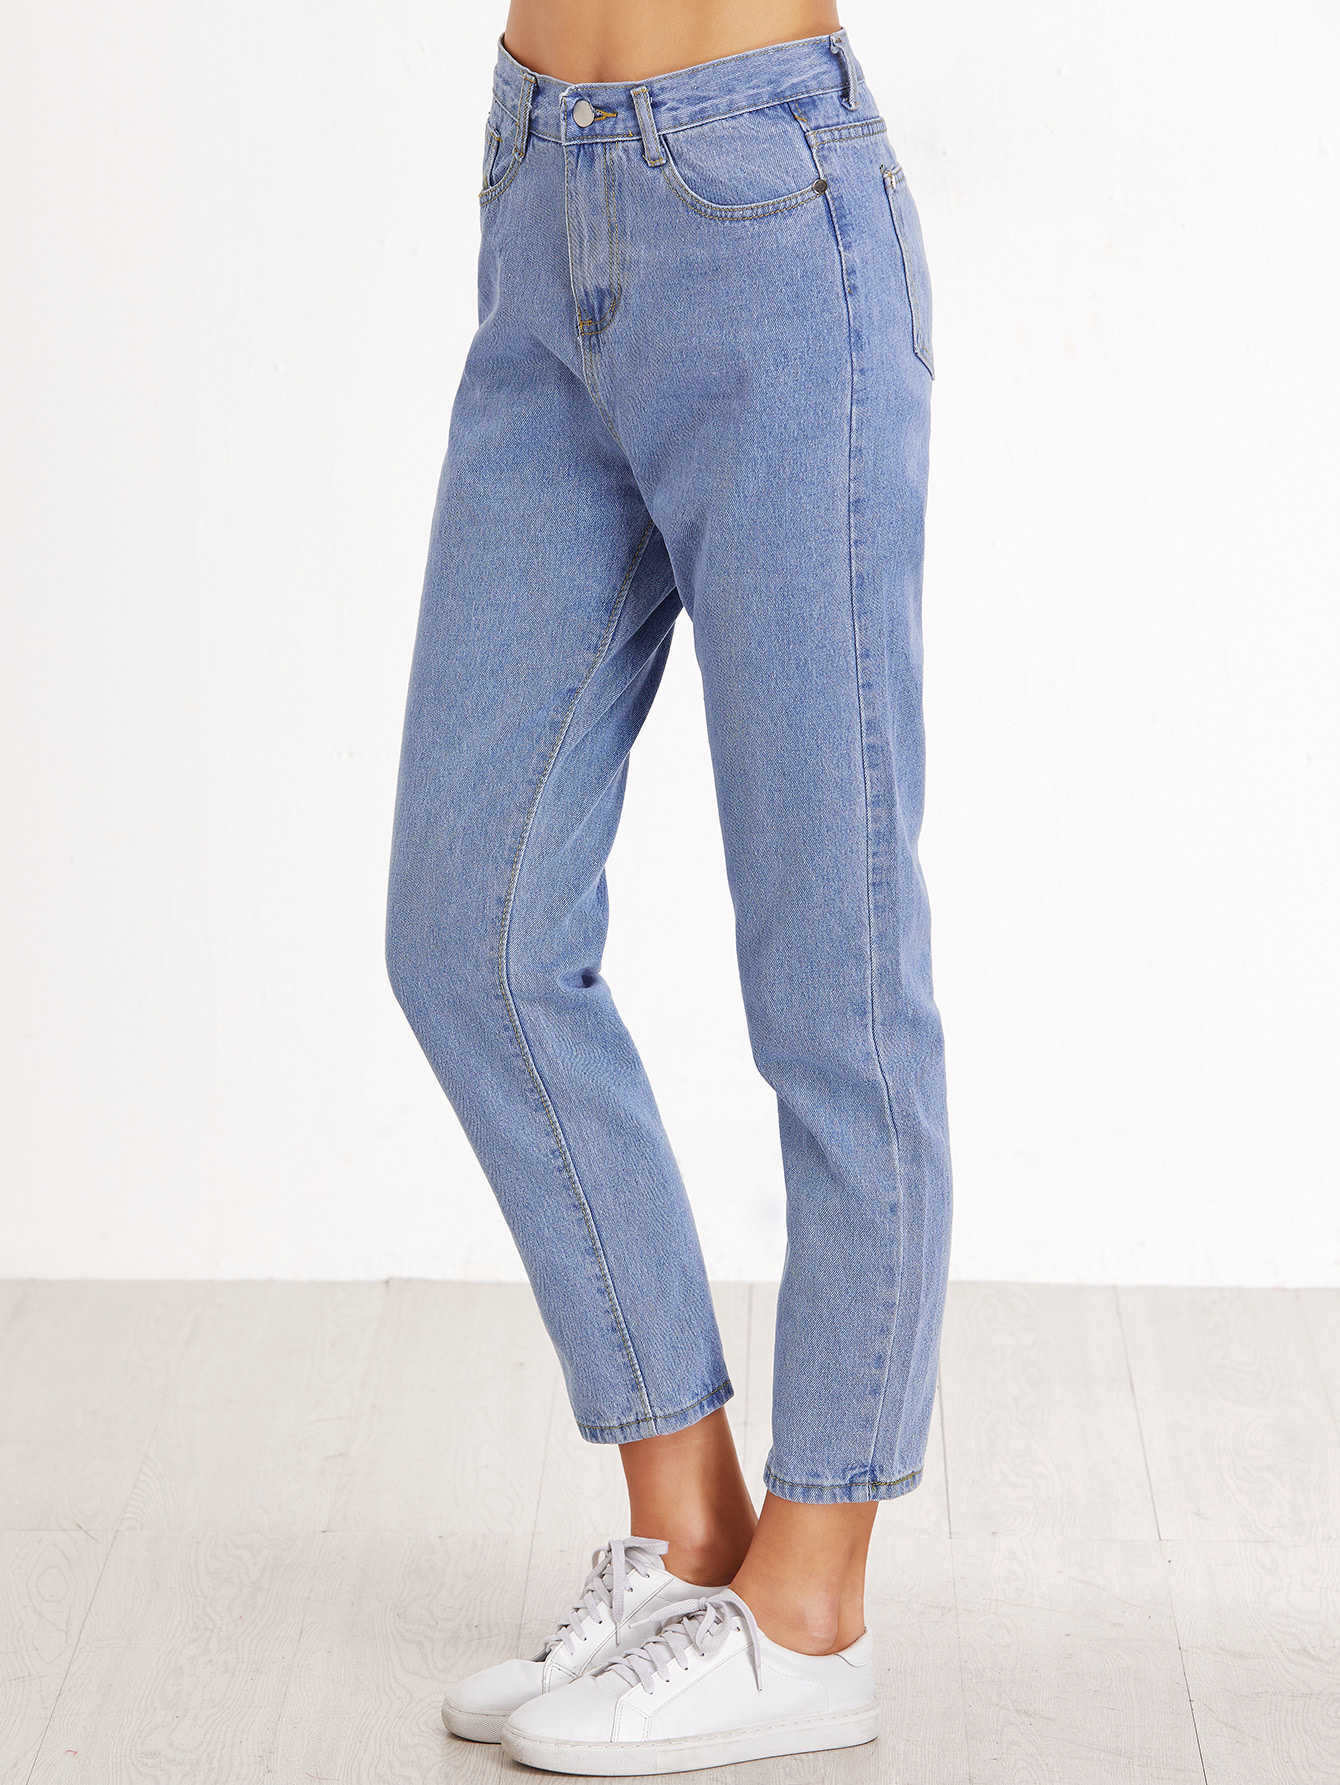 Blue High Waist Pocket Jeans